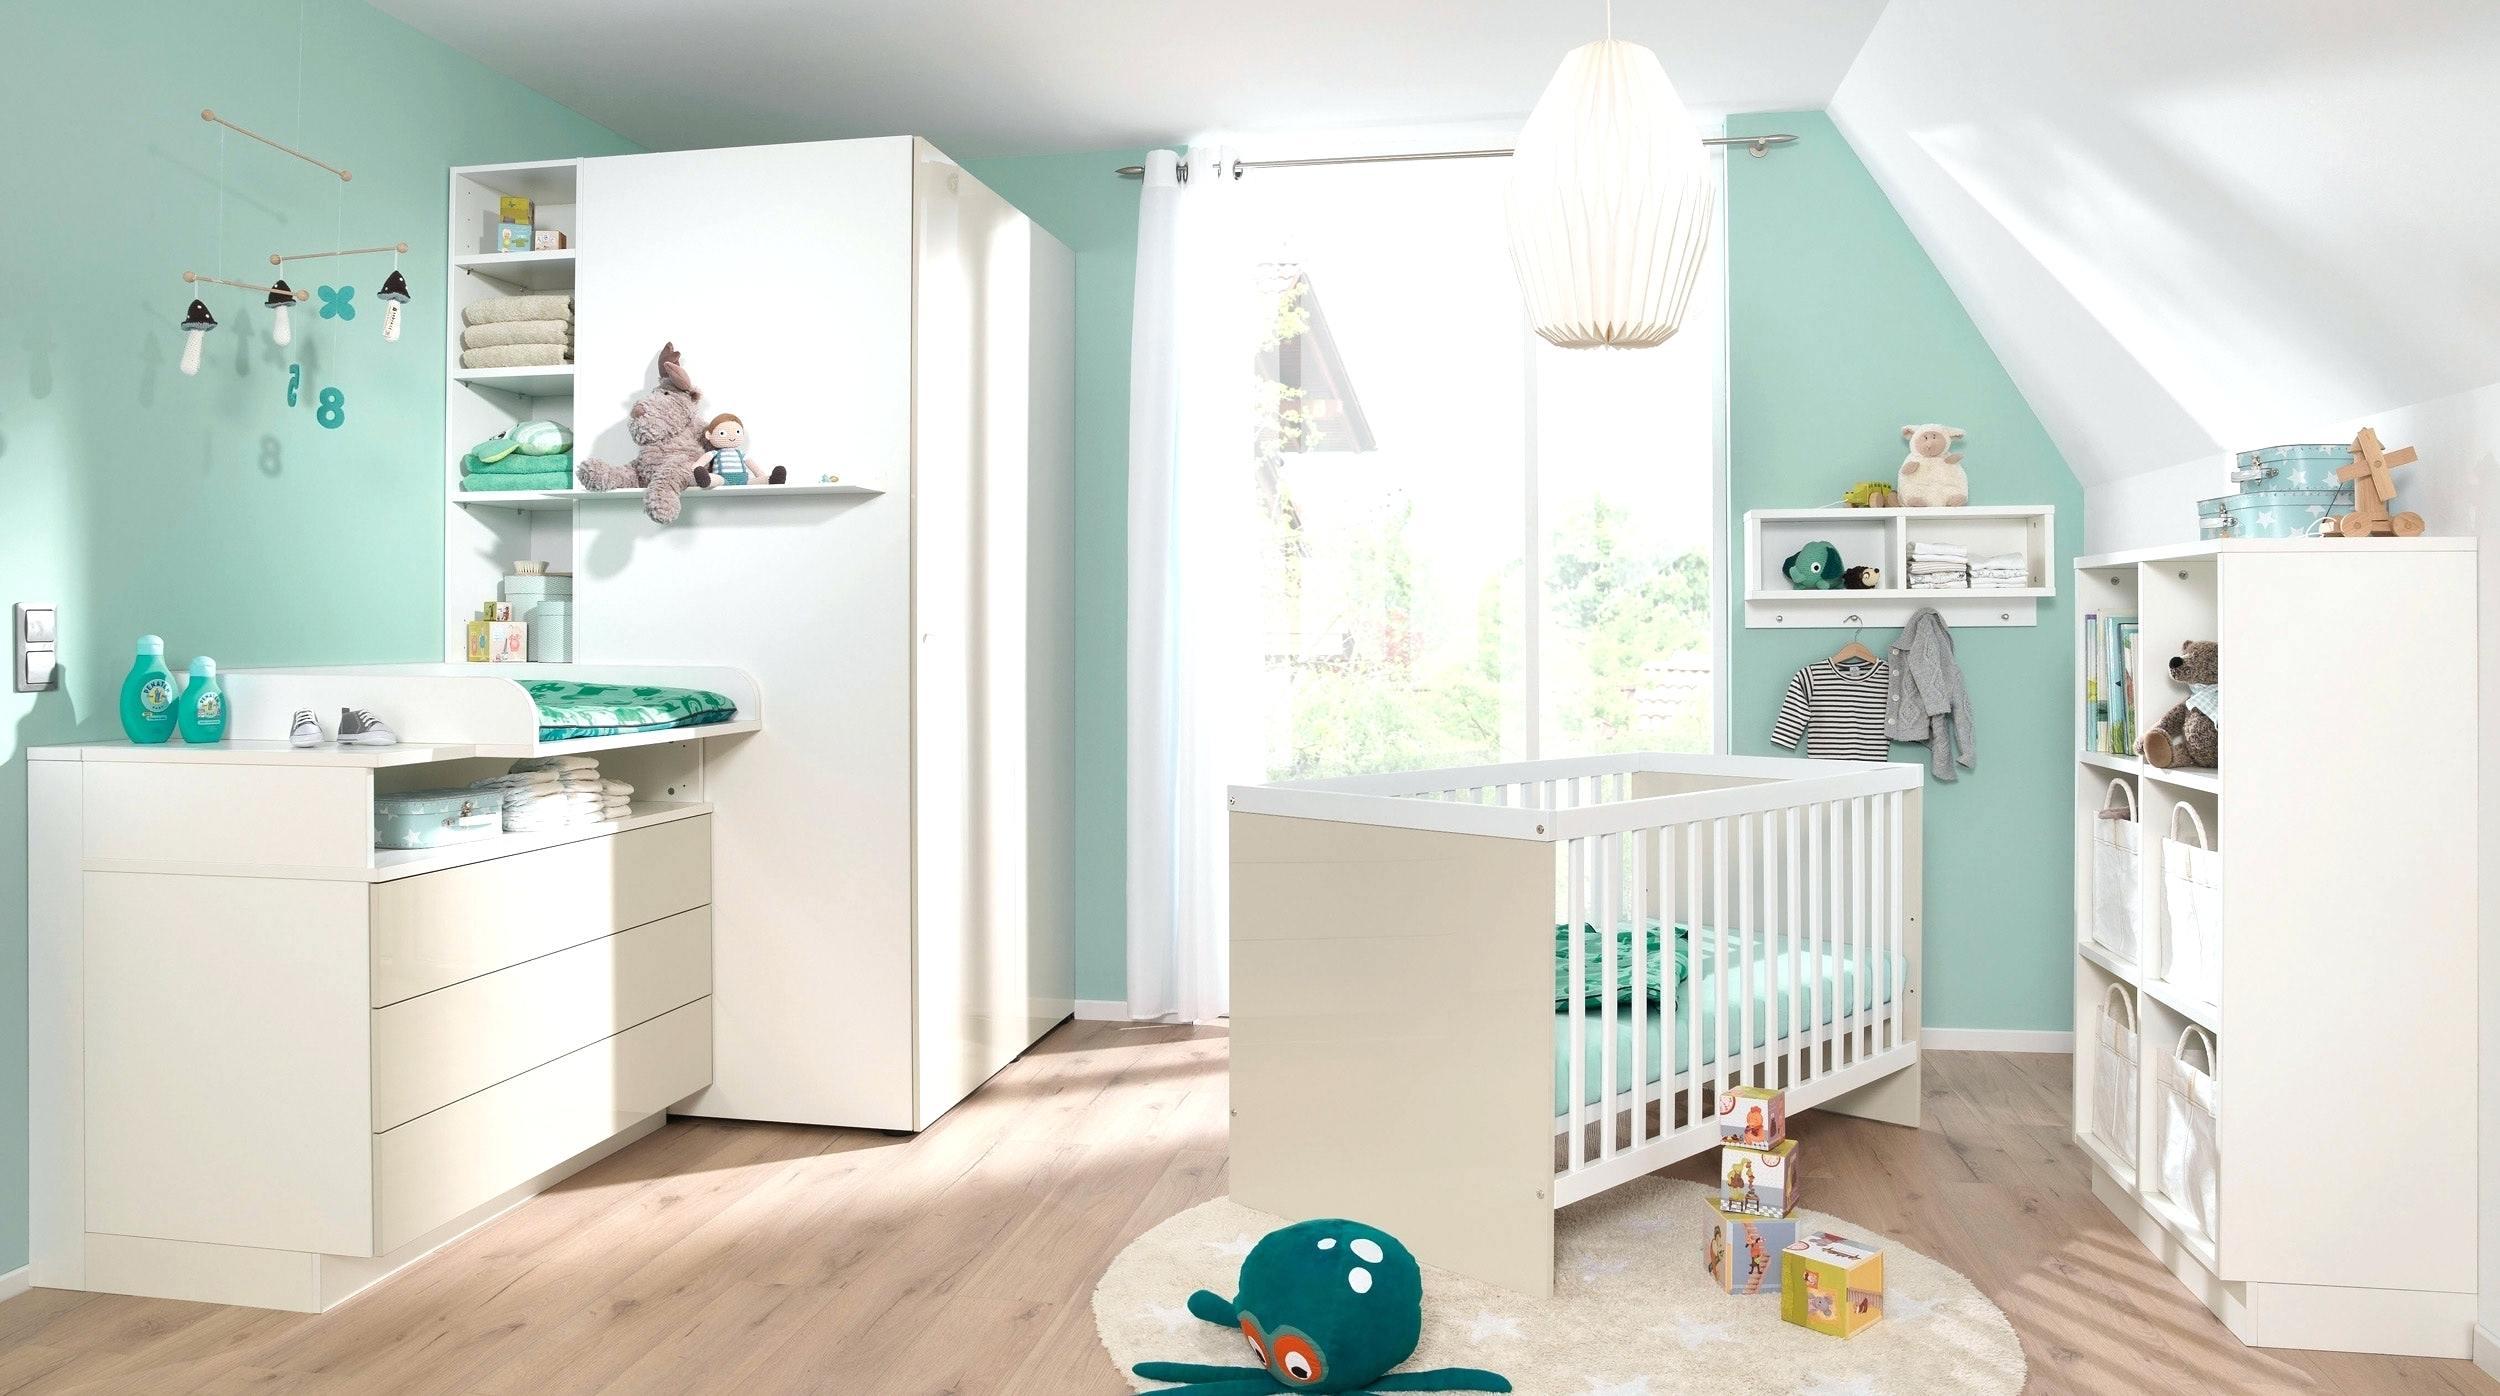 Kinderzimmer Junge Baby Perfekt On Andere Innerhalb Mobel Komfortabel Auf Auch Babyzimmer 3